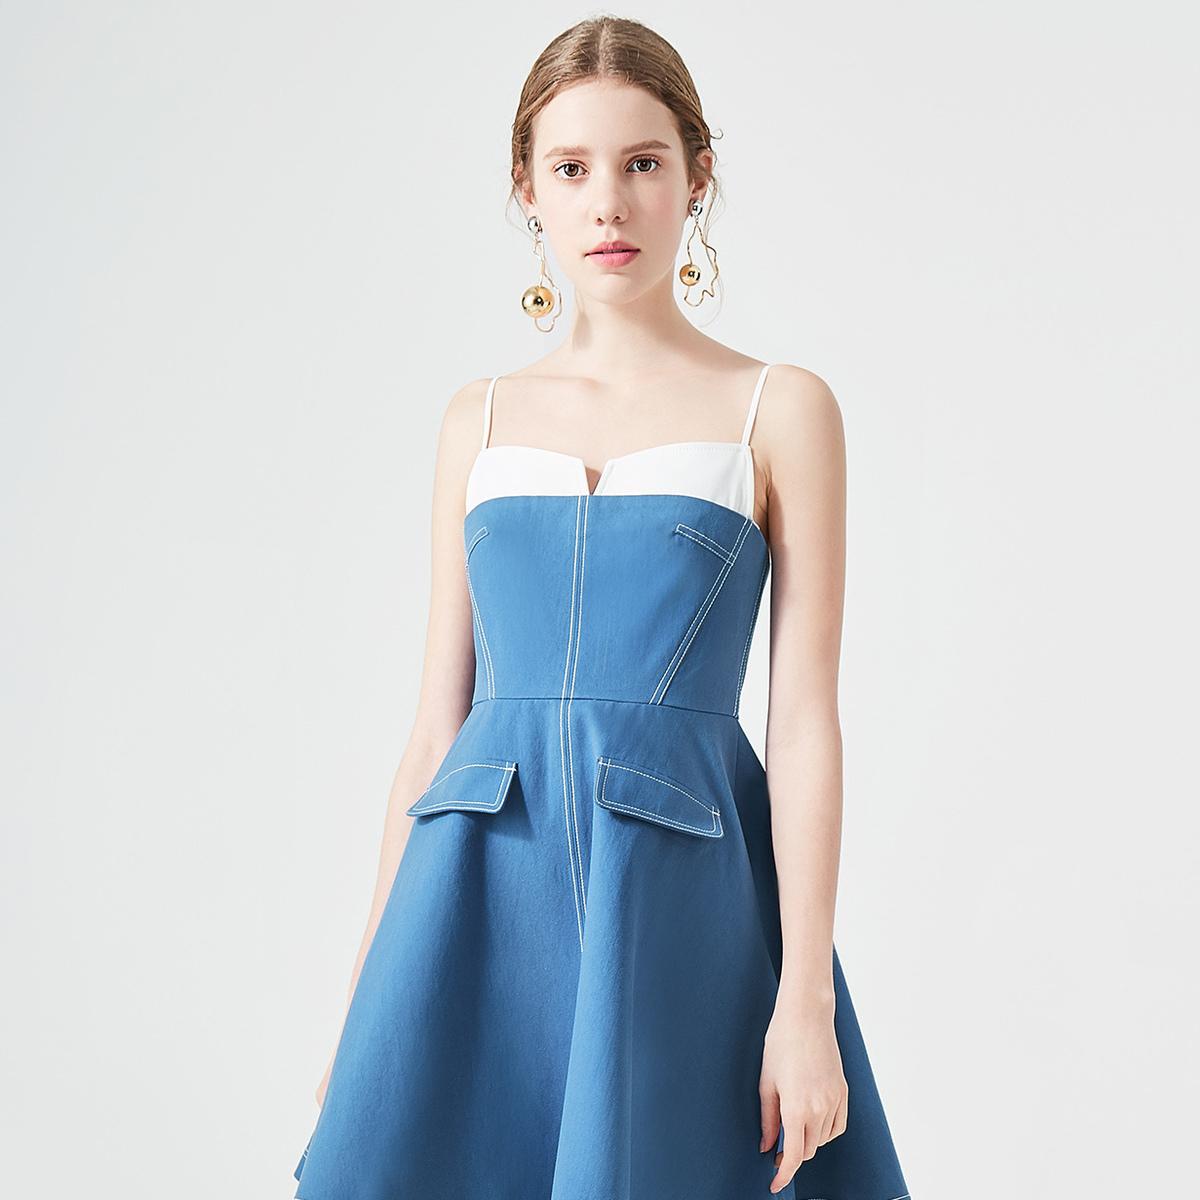 糖力吊带裙2018夏季新款小心机假两件假口袋纯棉学生连衣裙女